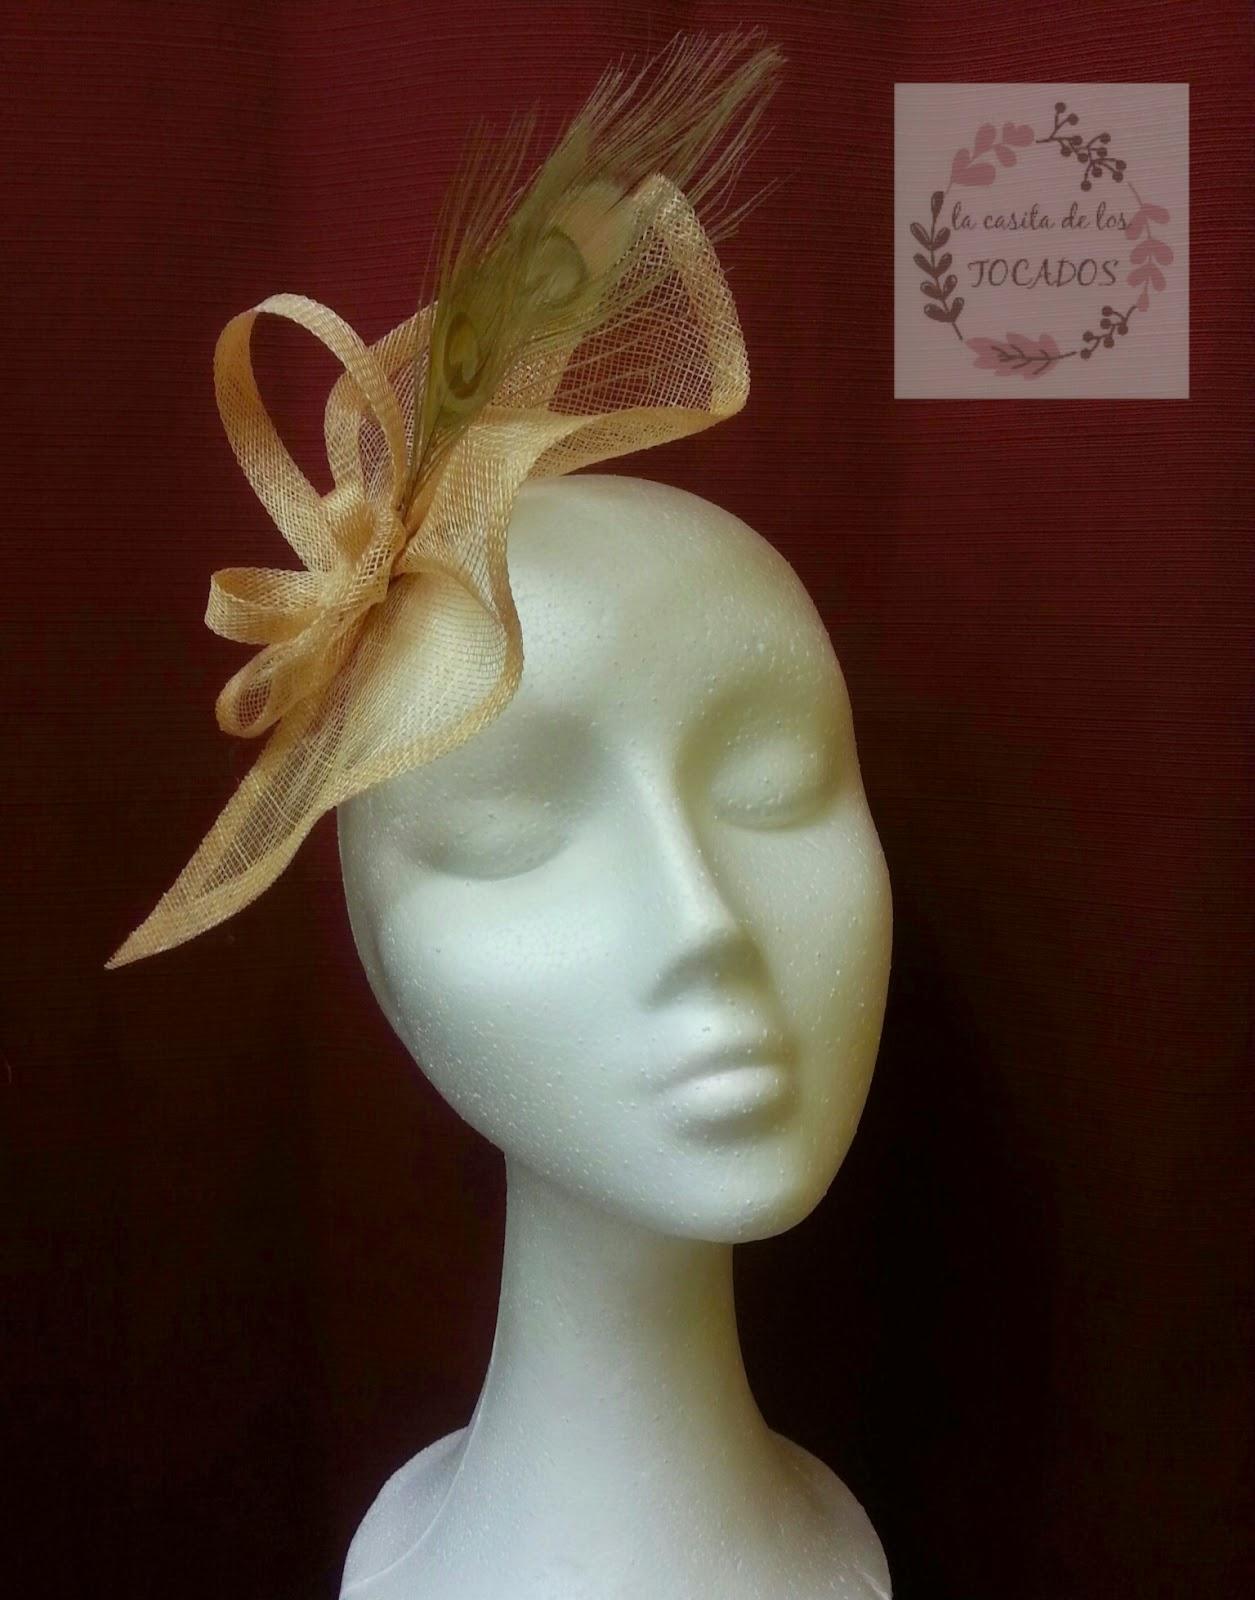 tocado en color dorado con plumas para boda, sencillo y original